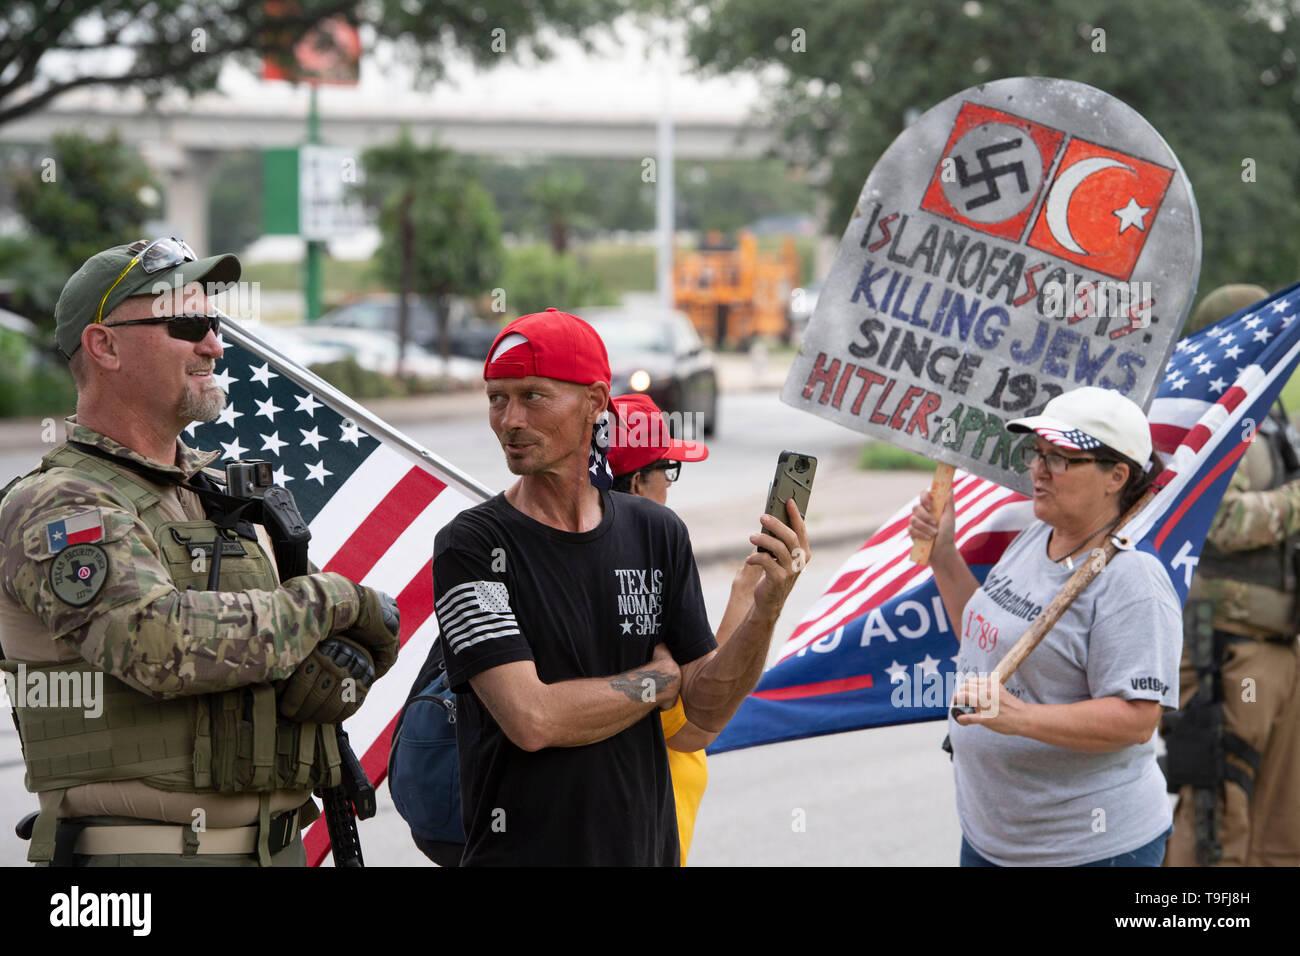 Die Demonstranten, einige öffnen die Waffen legal, Rallye außerhalb von Austin, Texas, Hotel, in dem umstrittenen Muslimischen Kongressabgeordnete Ilhan Omar sprach bei der Stadt iftar Abendessen. Omar wird vorgeworfen, die antisemitischen Äußerungen. Stockbild